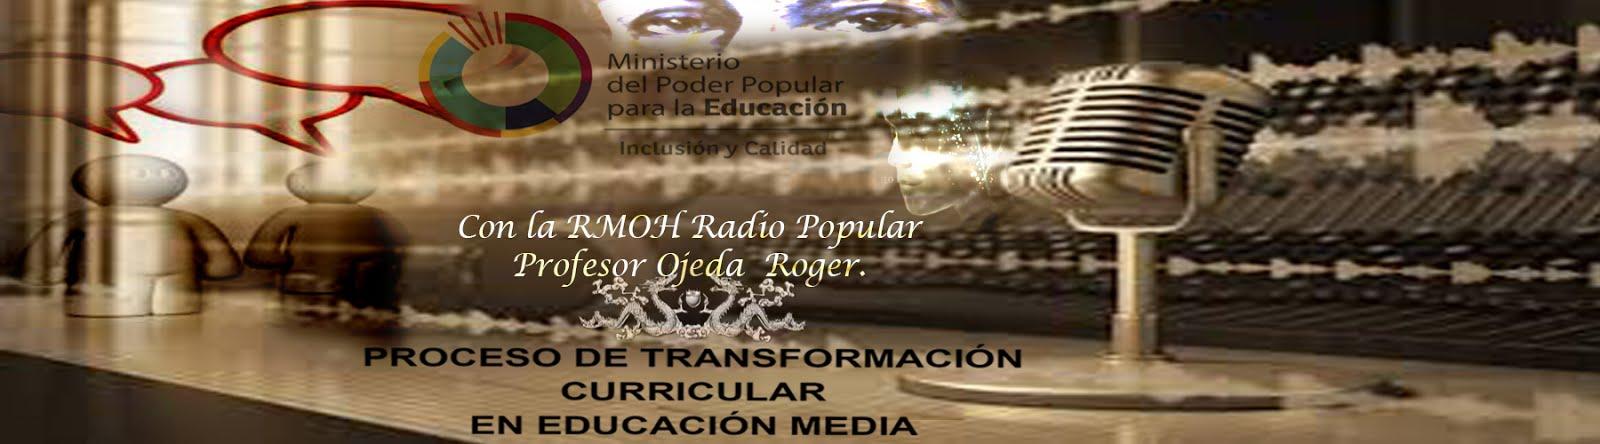 Entrevista por la radio 2016.